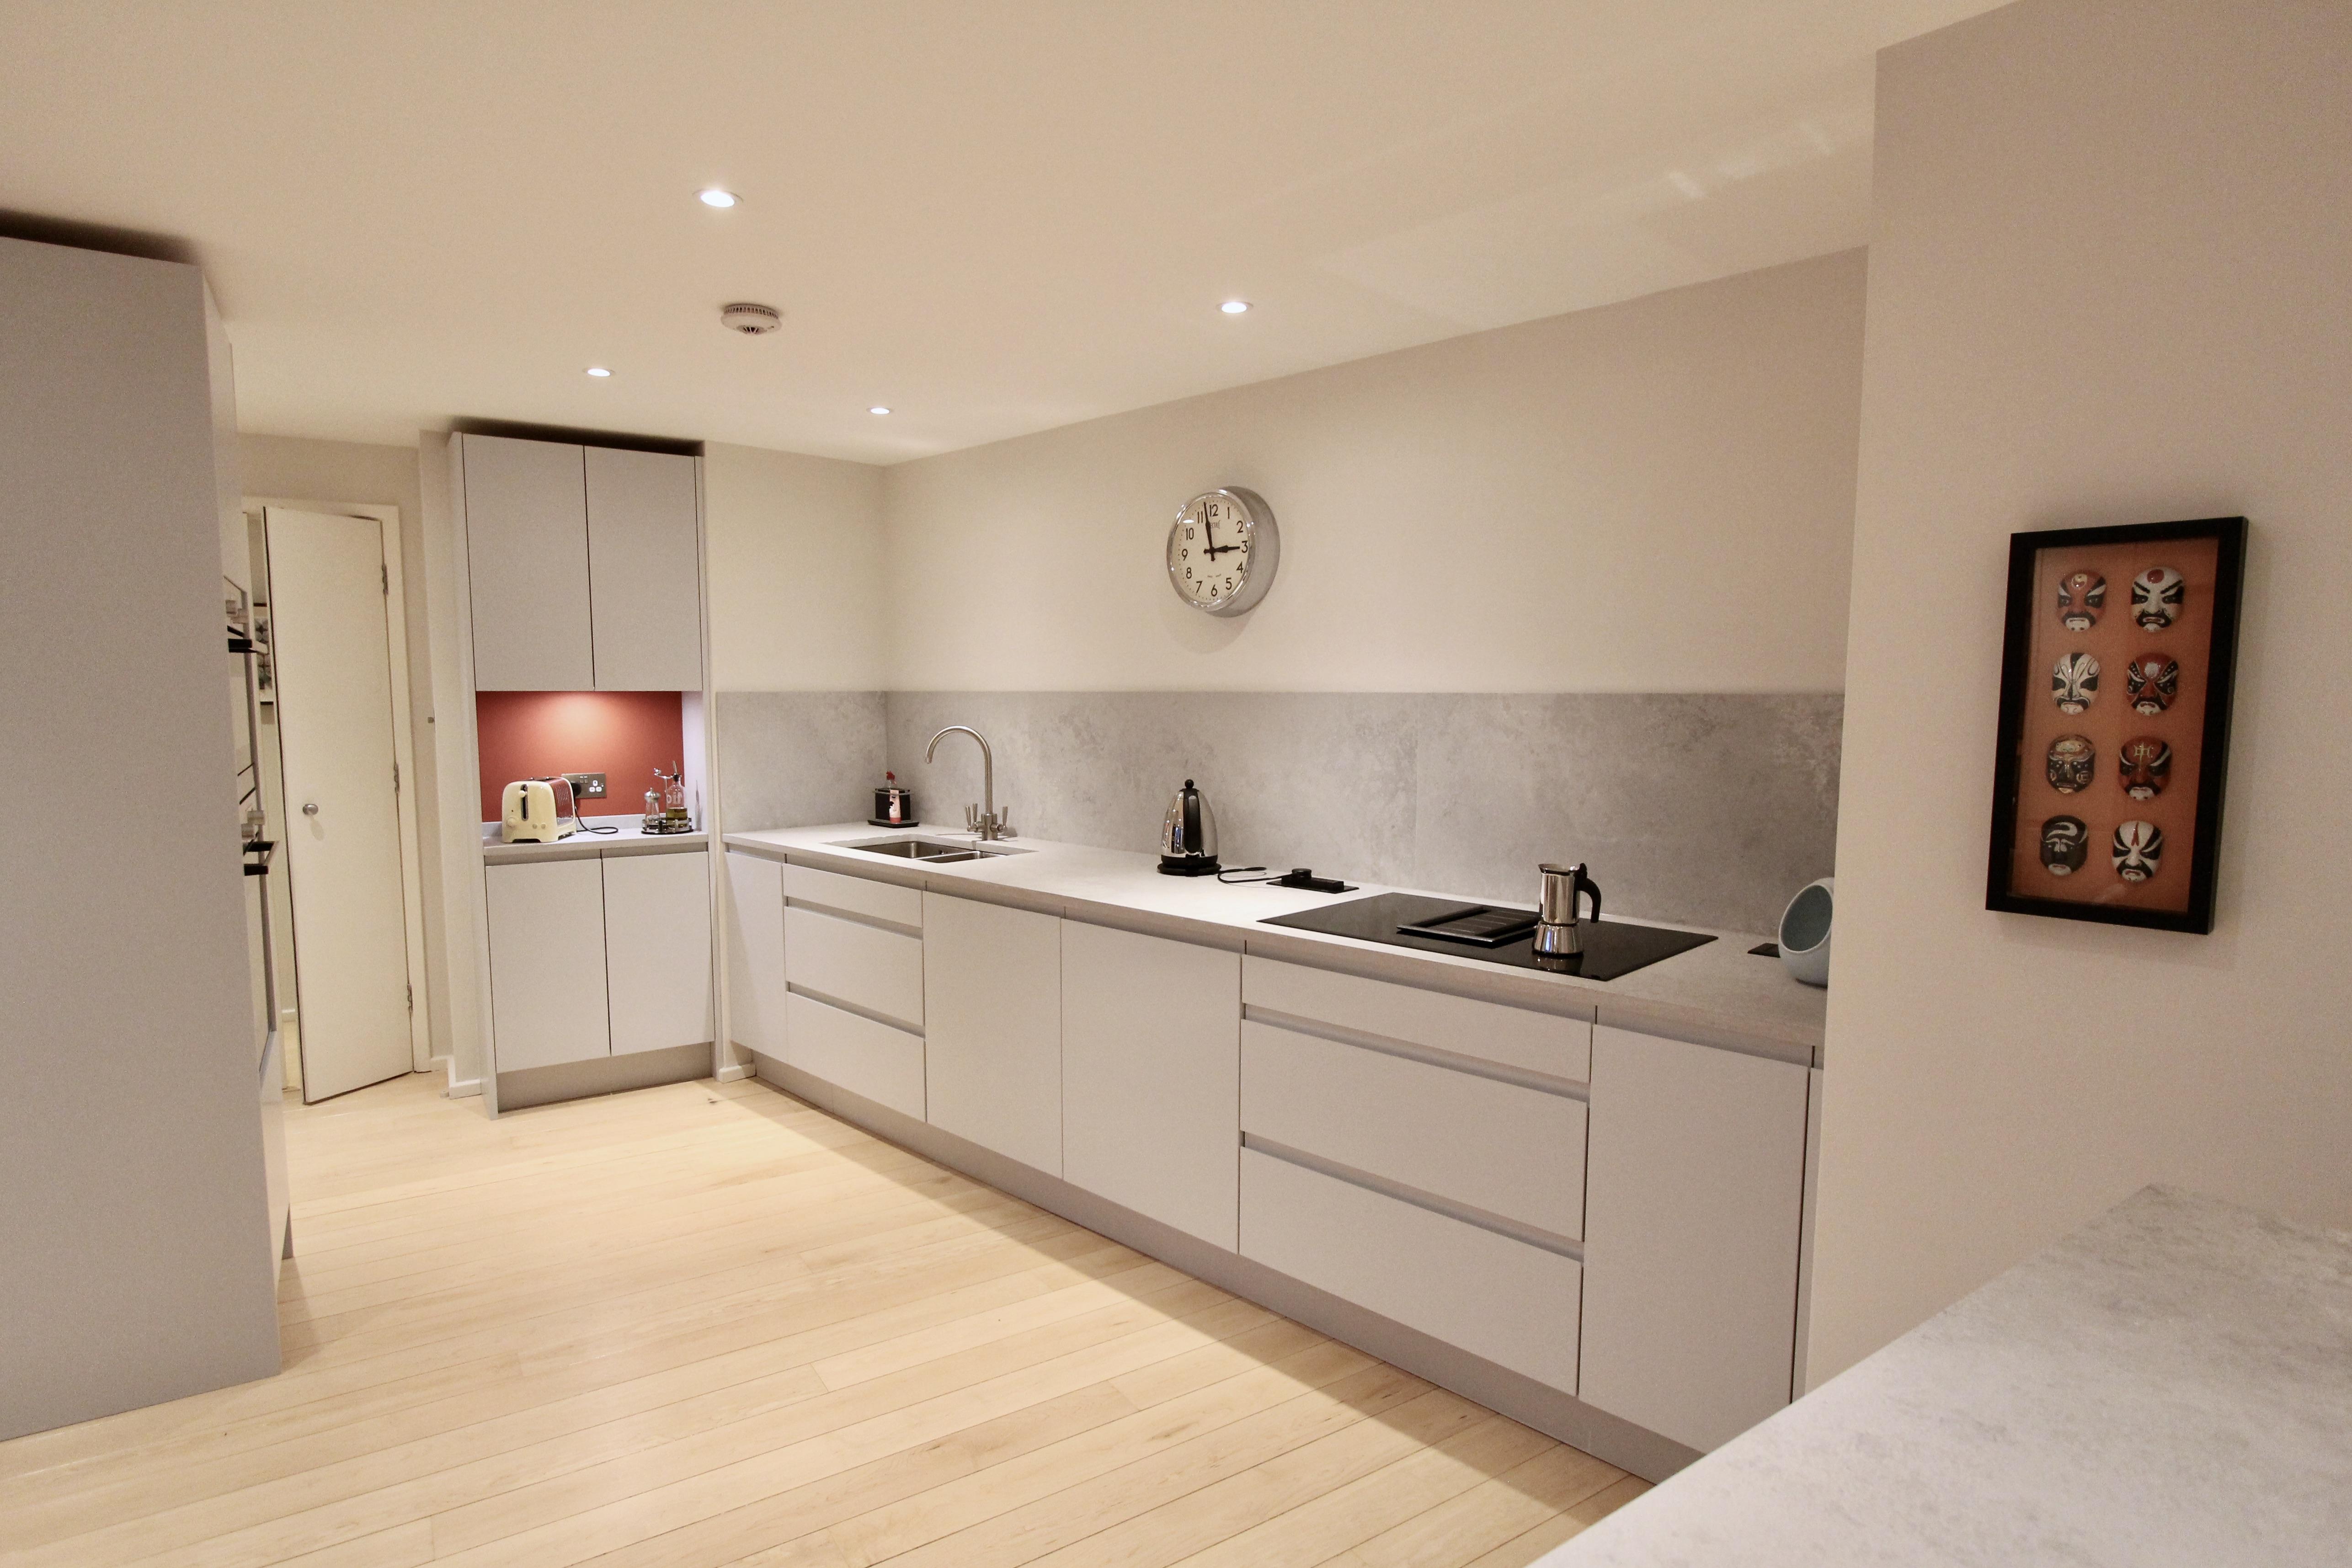 3. Clerkenwell kitchen